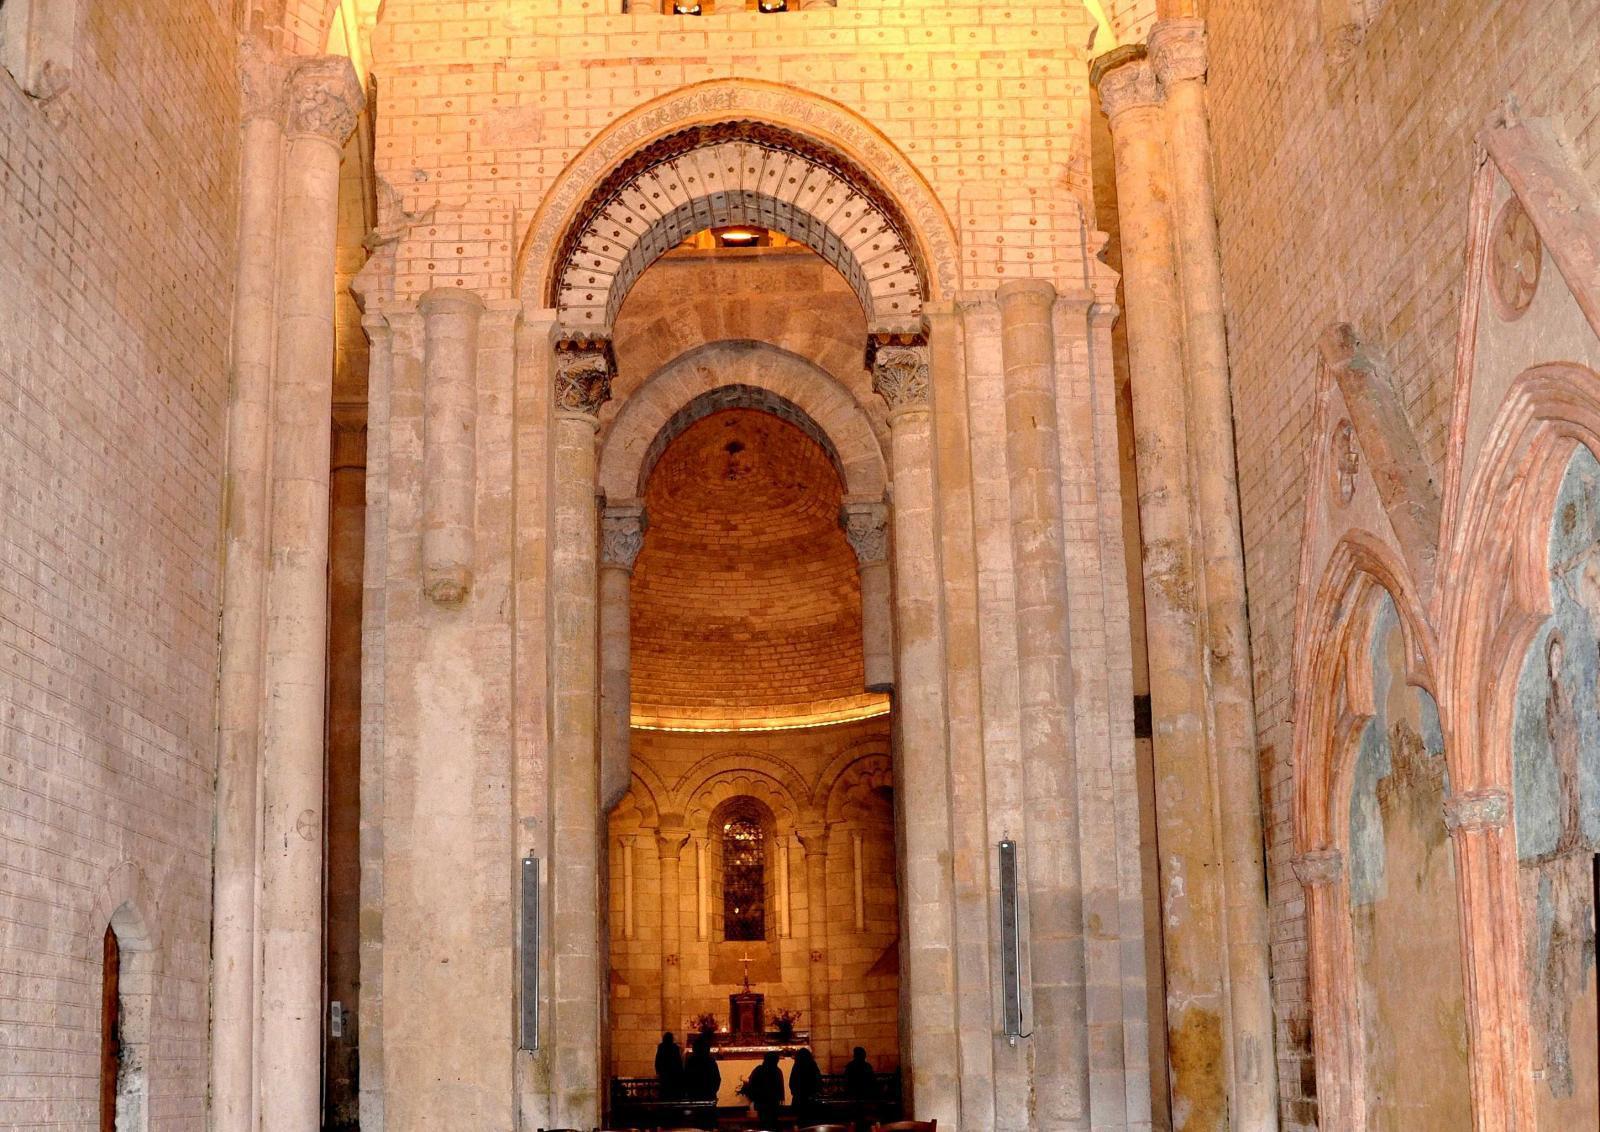 Eglise de Blanzac-Porcheresse